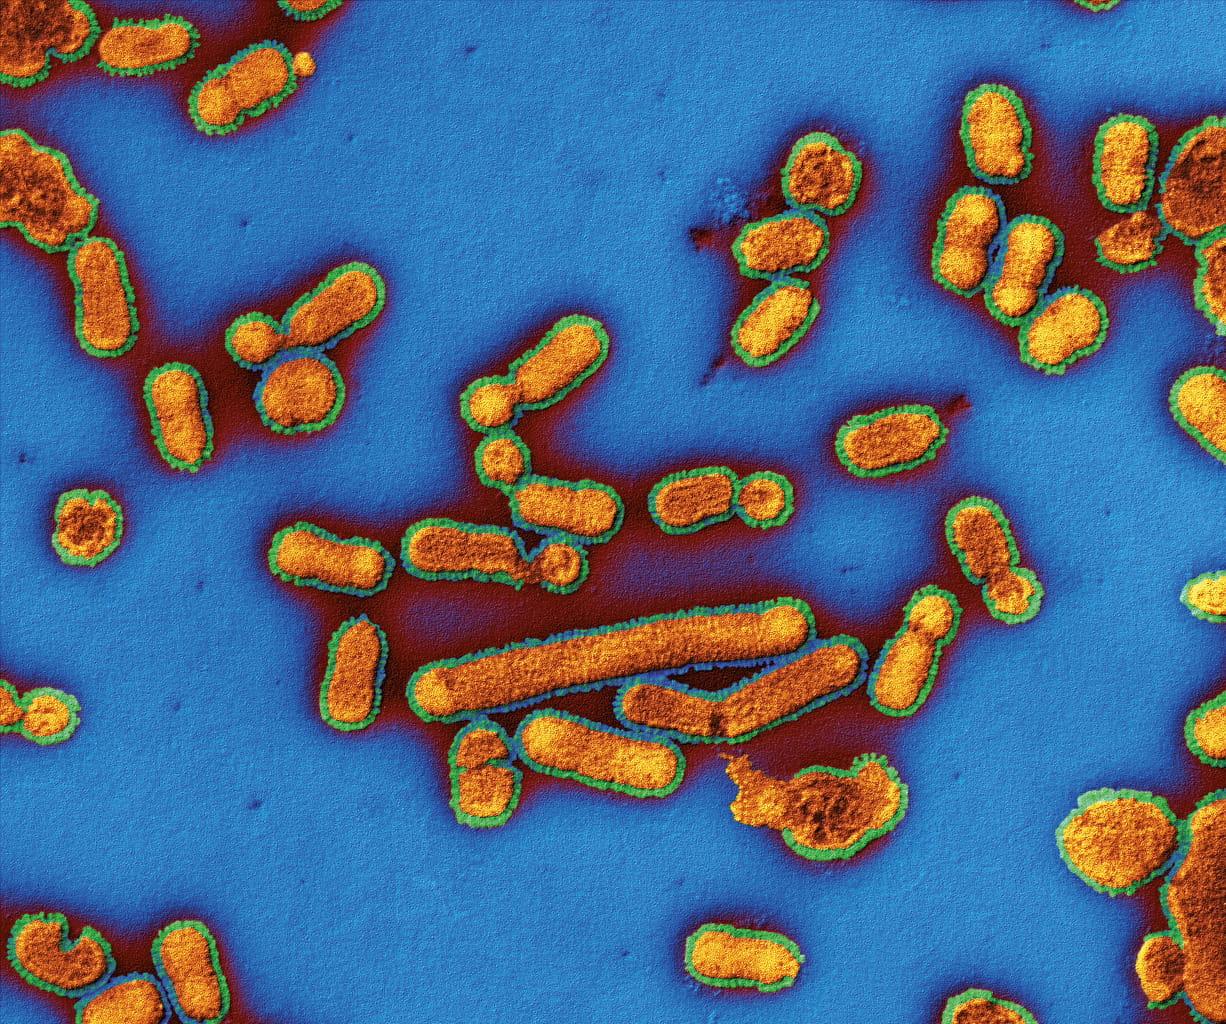 Influenza-70000x-8bit